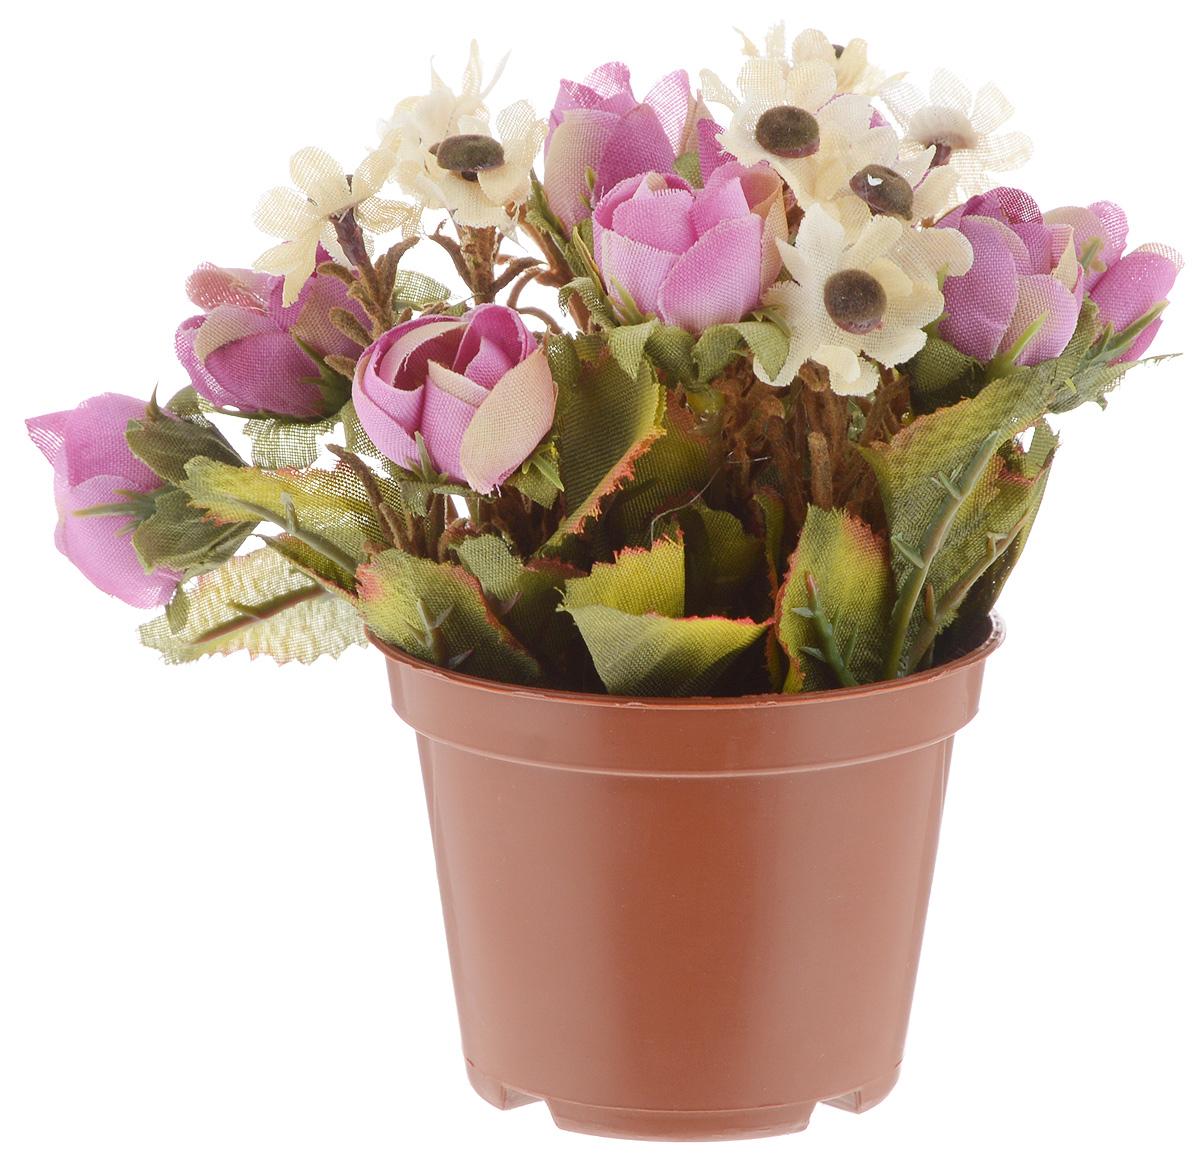 Растение искусственное для мини-сада Bloom`its, цвет: фиолетовый, зеленый, коричневый, высота 13 см804833_сиреневый, белыйИскусственное растение Bloomits поможет создать свой собственный мини-сад. Заниматься ландшафтным дизайном и декором теперь можно, даже если у вас нет своего загородного дома, причем не выходя из дома. Устройте себе удовольствие садовода, собирая миниатюрные фигурки и составляя из них различные композиции. Объедините миниатюрные изделия в емкости (керамический горшок, корзина, деревянный ящик или стеклянная посуда) и добавьте мини-растения. Это не только поможет увлекательно провести время, раскрывая ваше воображение и фантазию, результат работы станет стильным и необычным украшением интерьера.